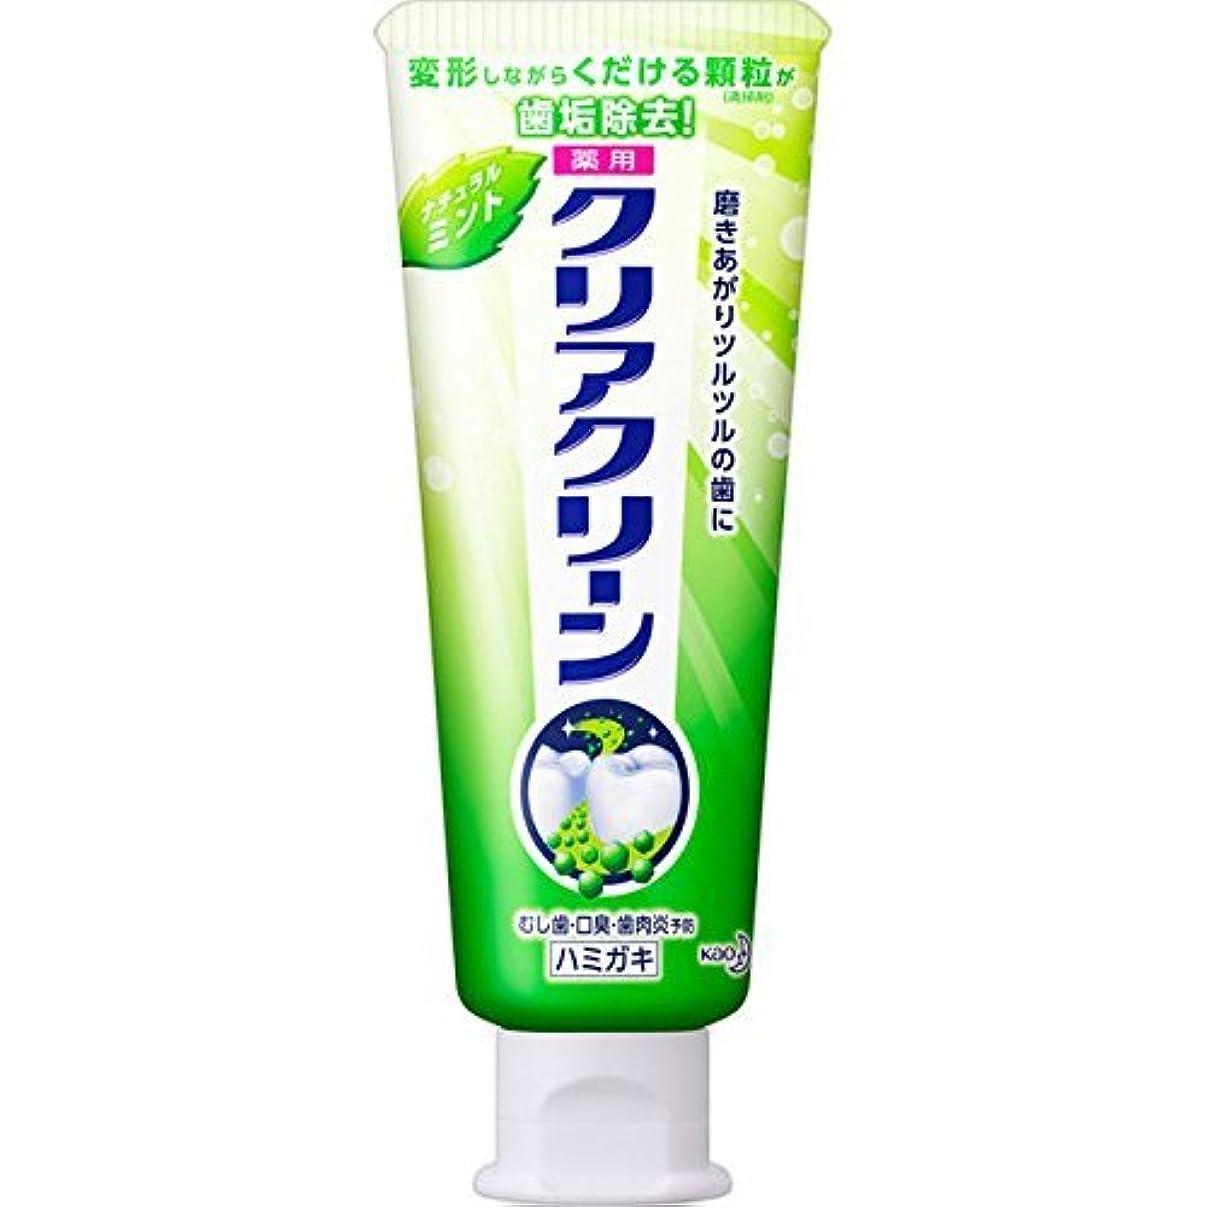 軽量半島闇花王 クリアクリーンナチュラルミント小 80g (医薬部外品)